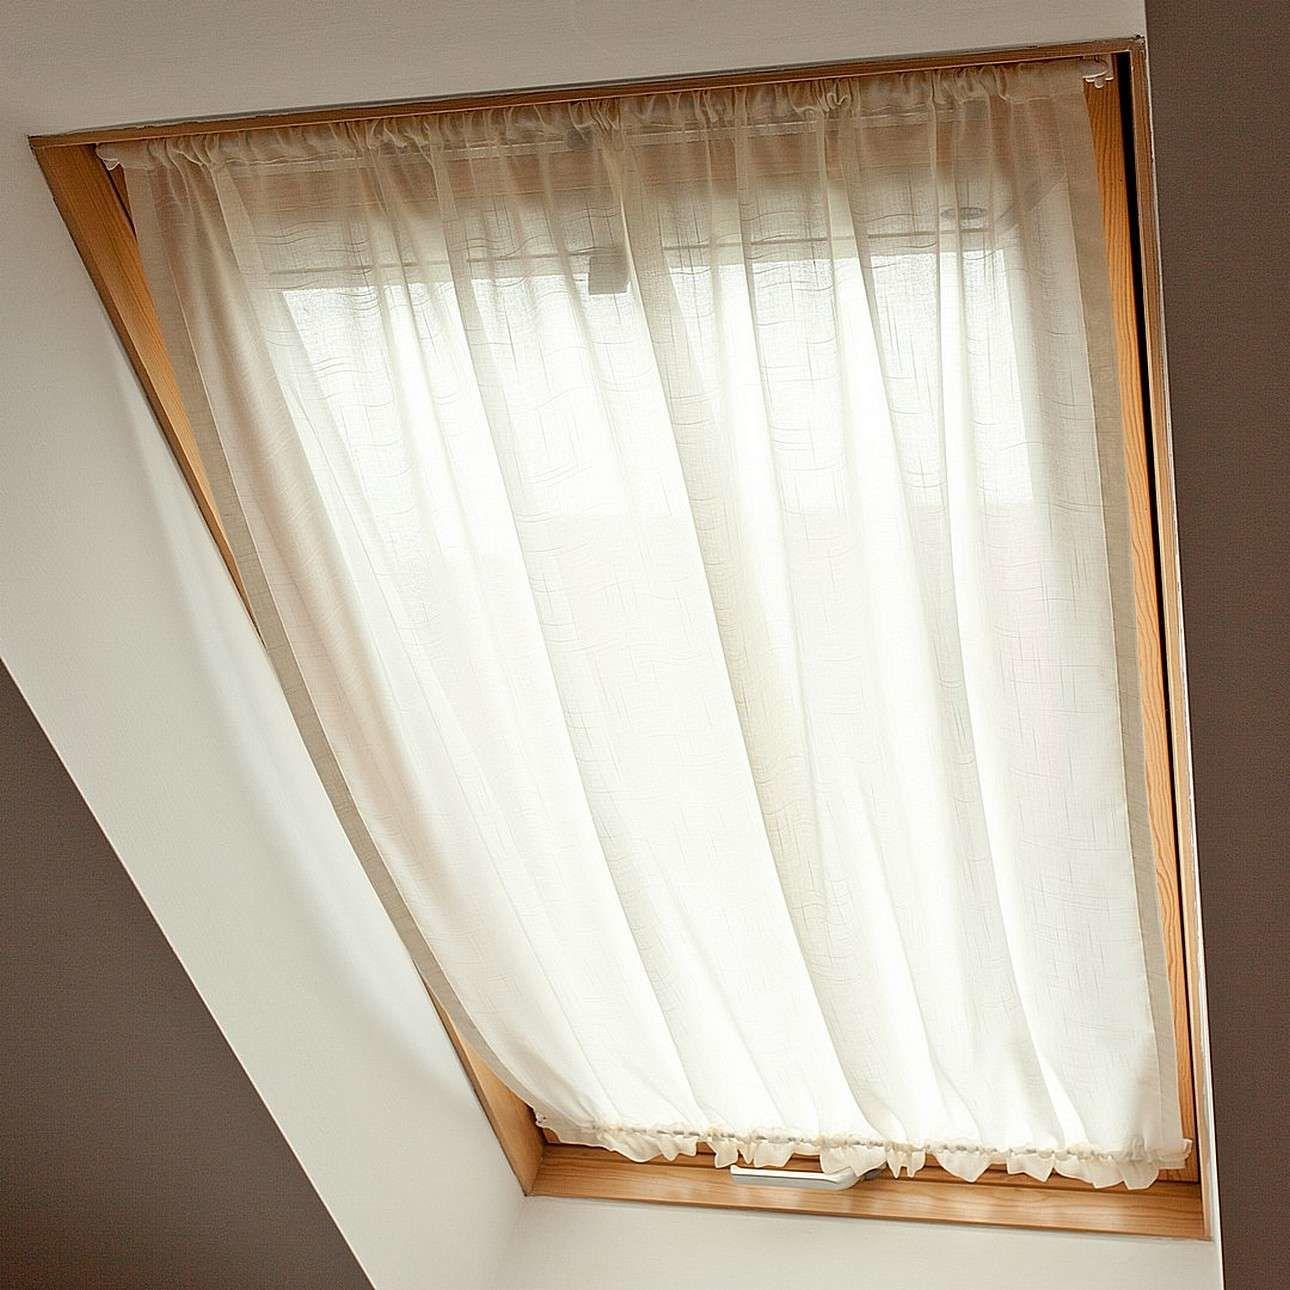 Zasłonka na okno dachowe, prześwitująca, ecru, 110  126+3 cm grzywka, Romantica